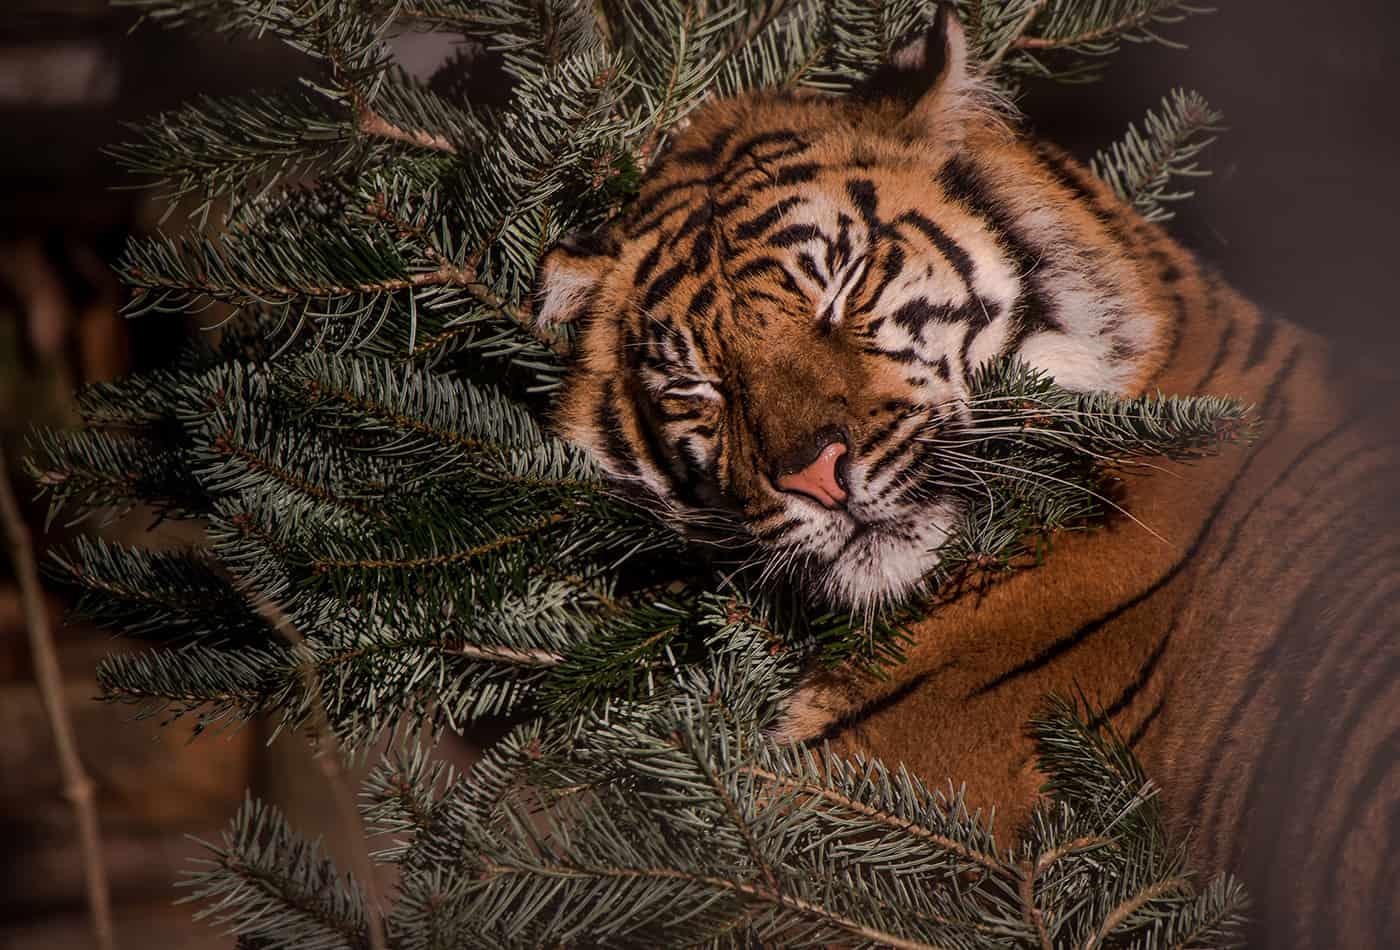 Sumatratiger mit Weihnachtsbaum (Foto: Susi Fischer/Zoo Heidelberg)